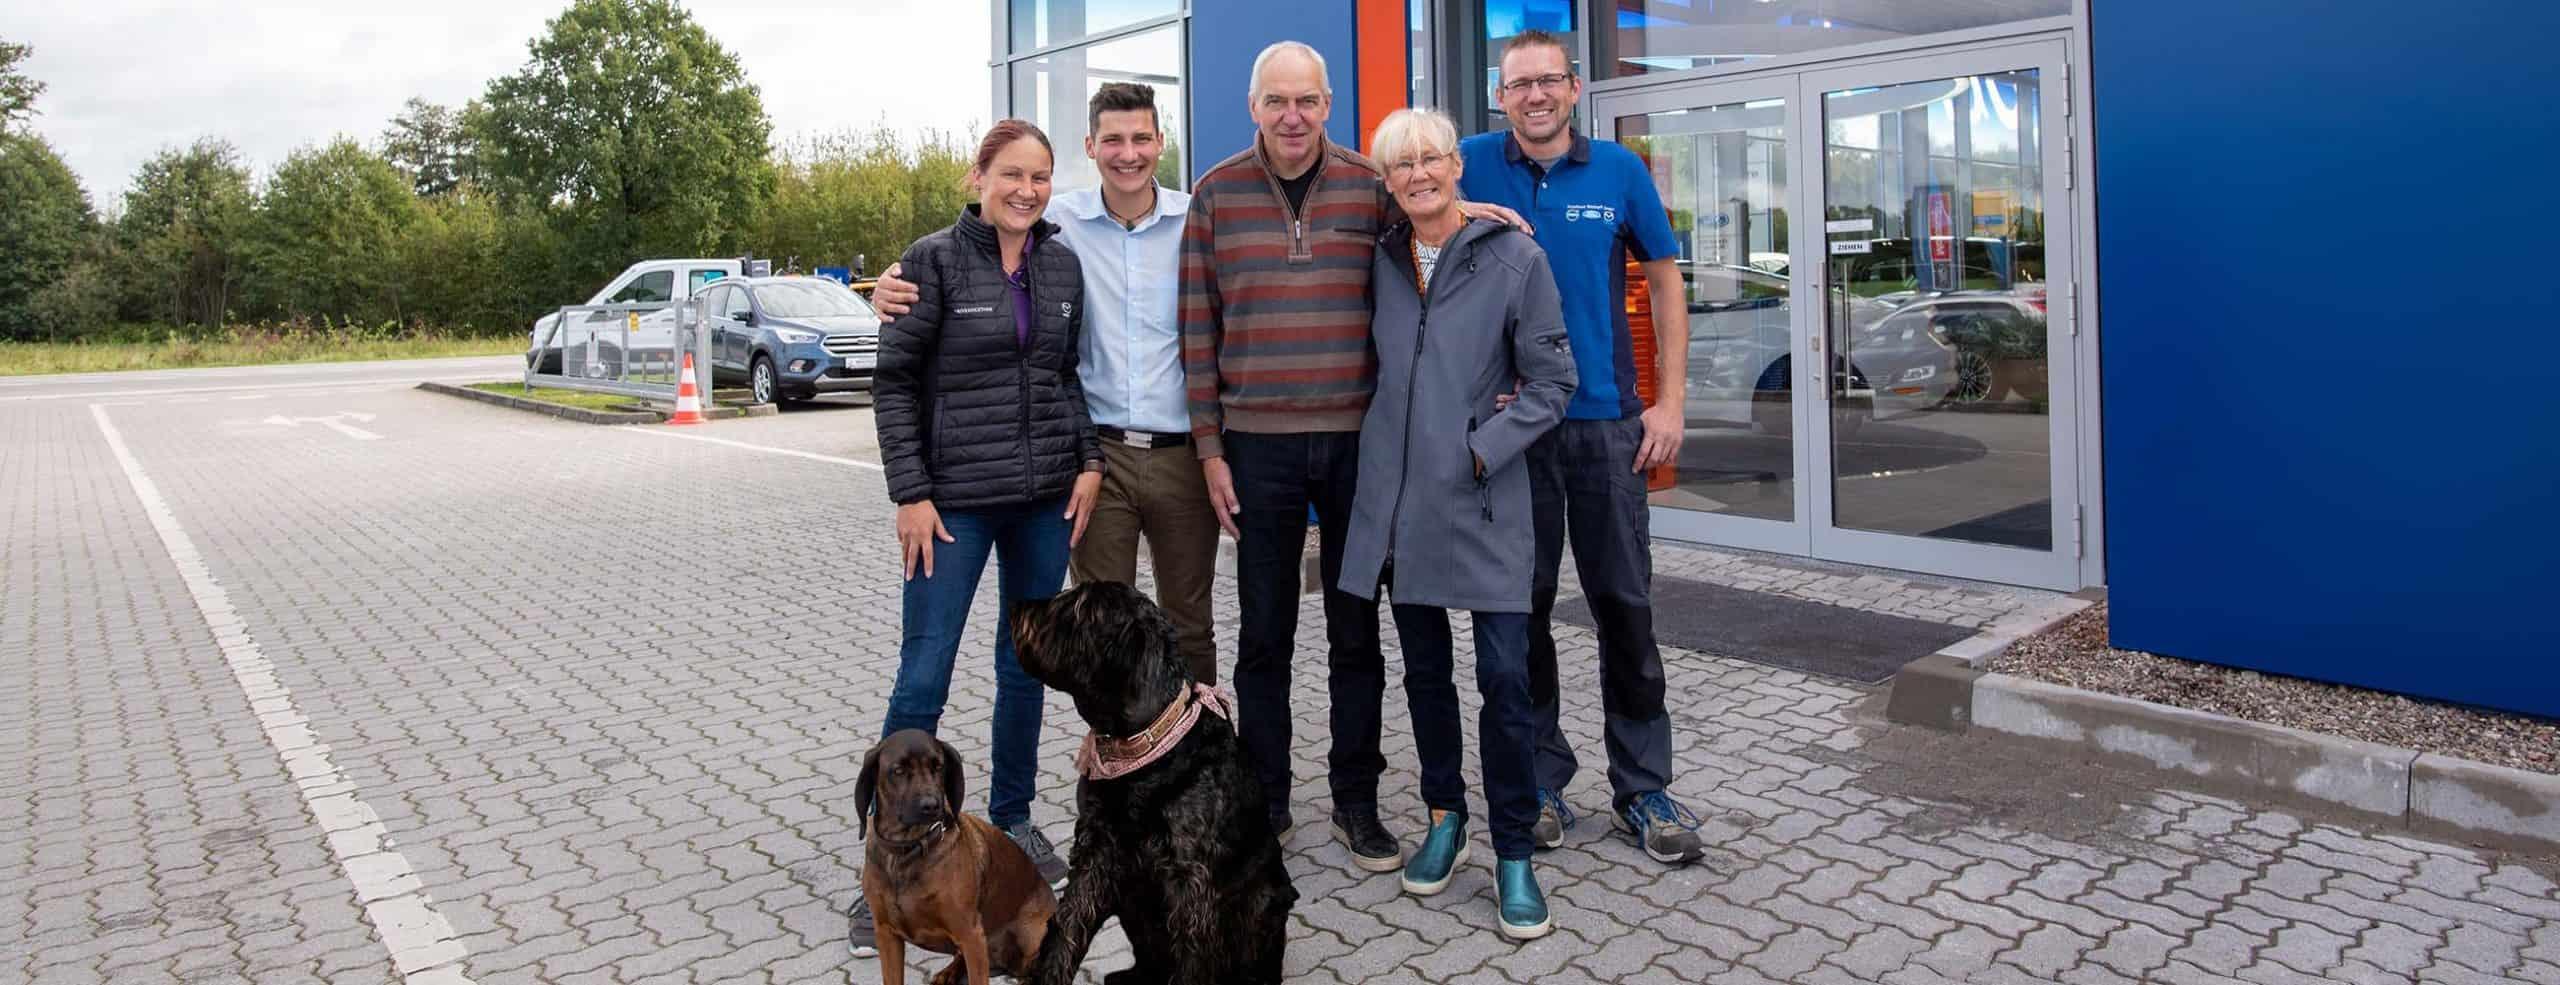 Familie Sirocko Autohaus Bischoff Neumünster